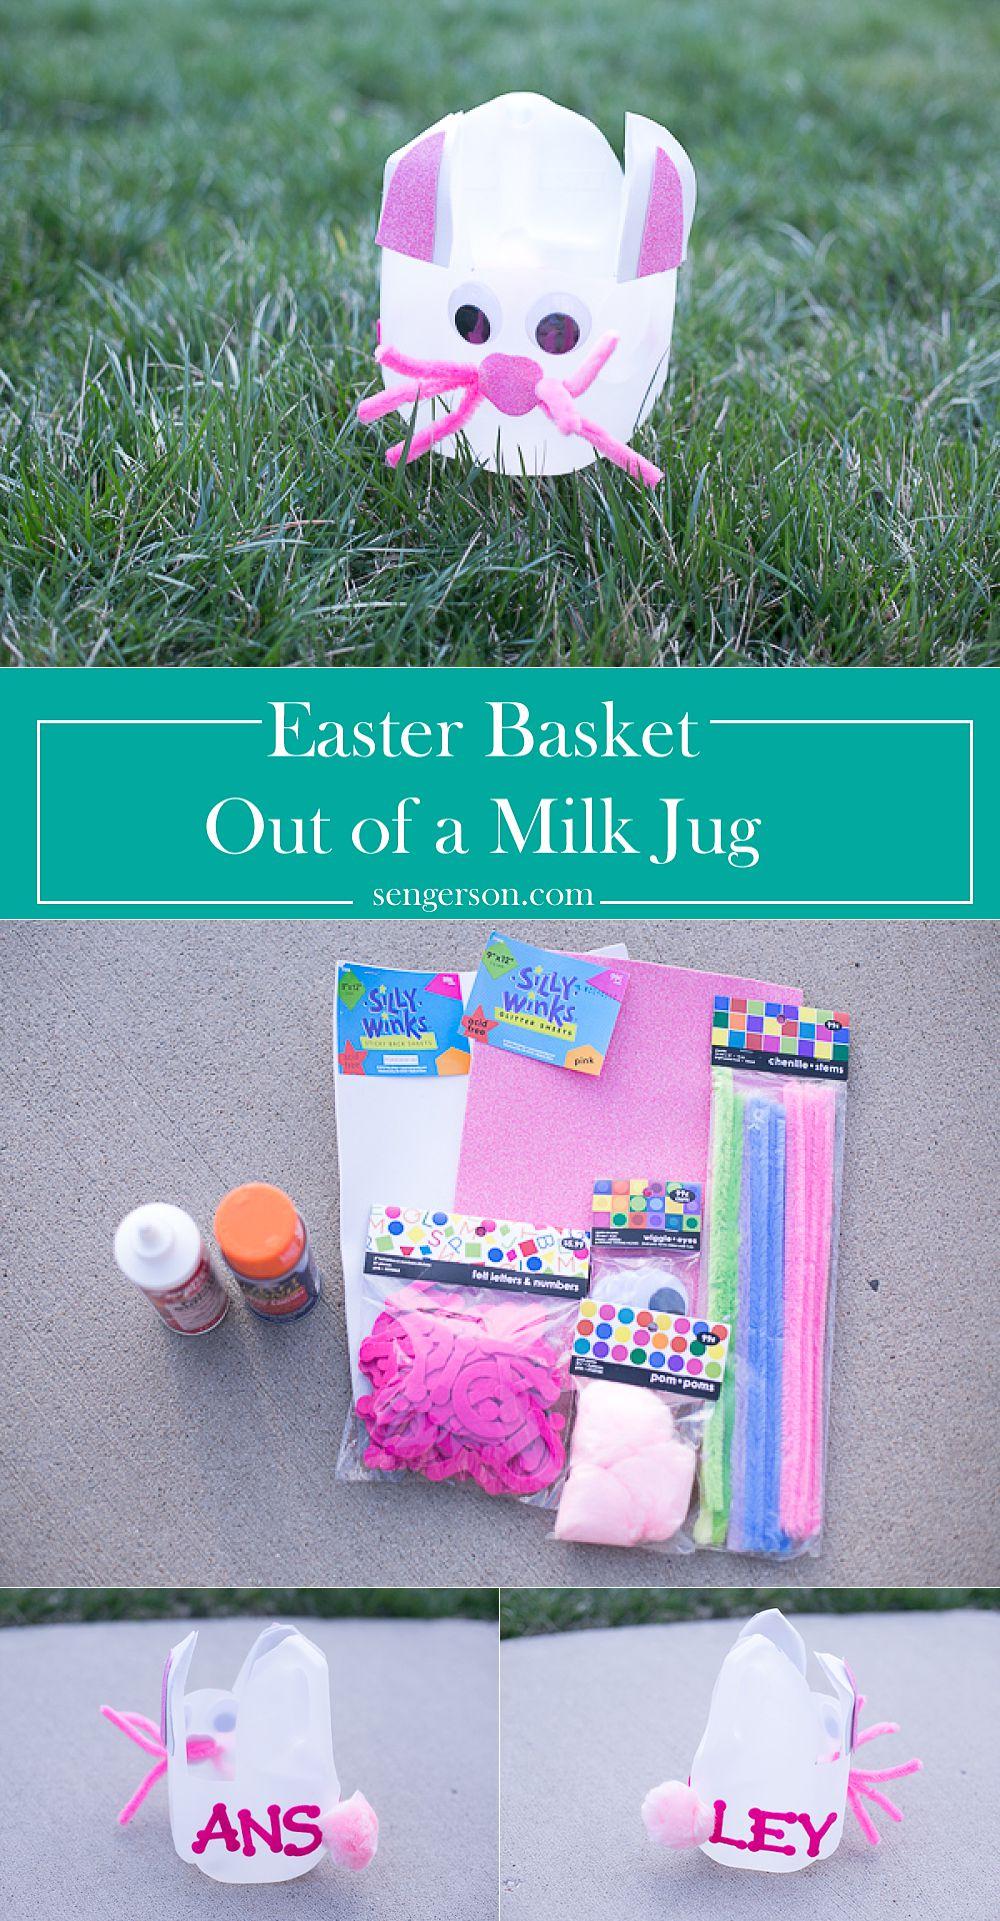 Diy easter basket out of milk jug easy milk jug easter basket kids craft idea negle Image collections